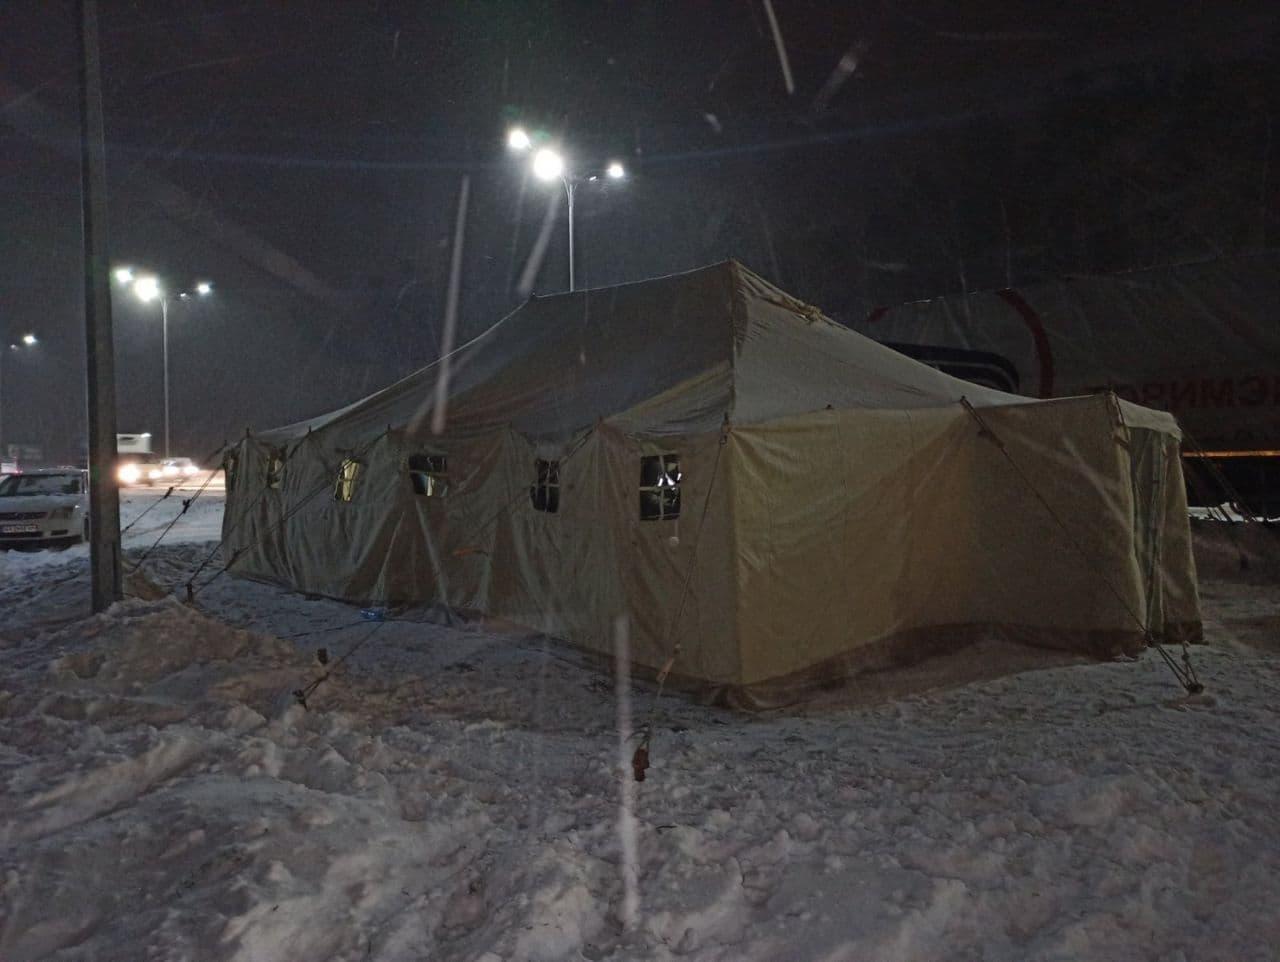 Жовтий рівень небезпеки: 9 лютого негода продовжить «атакувати» Київщину - снігопад, погодні умови, ожеледиця, негода, жовтий рівень небезпеки - 09 led3